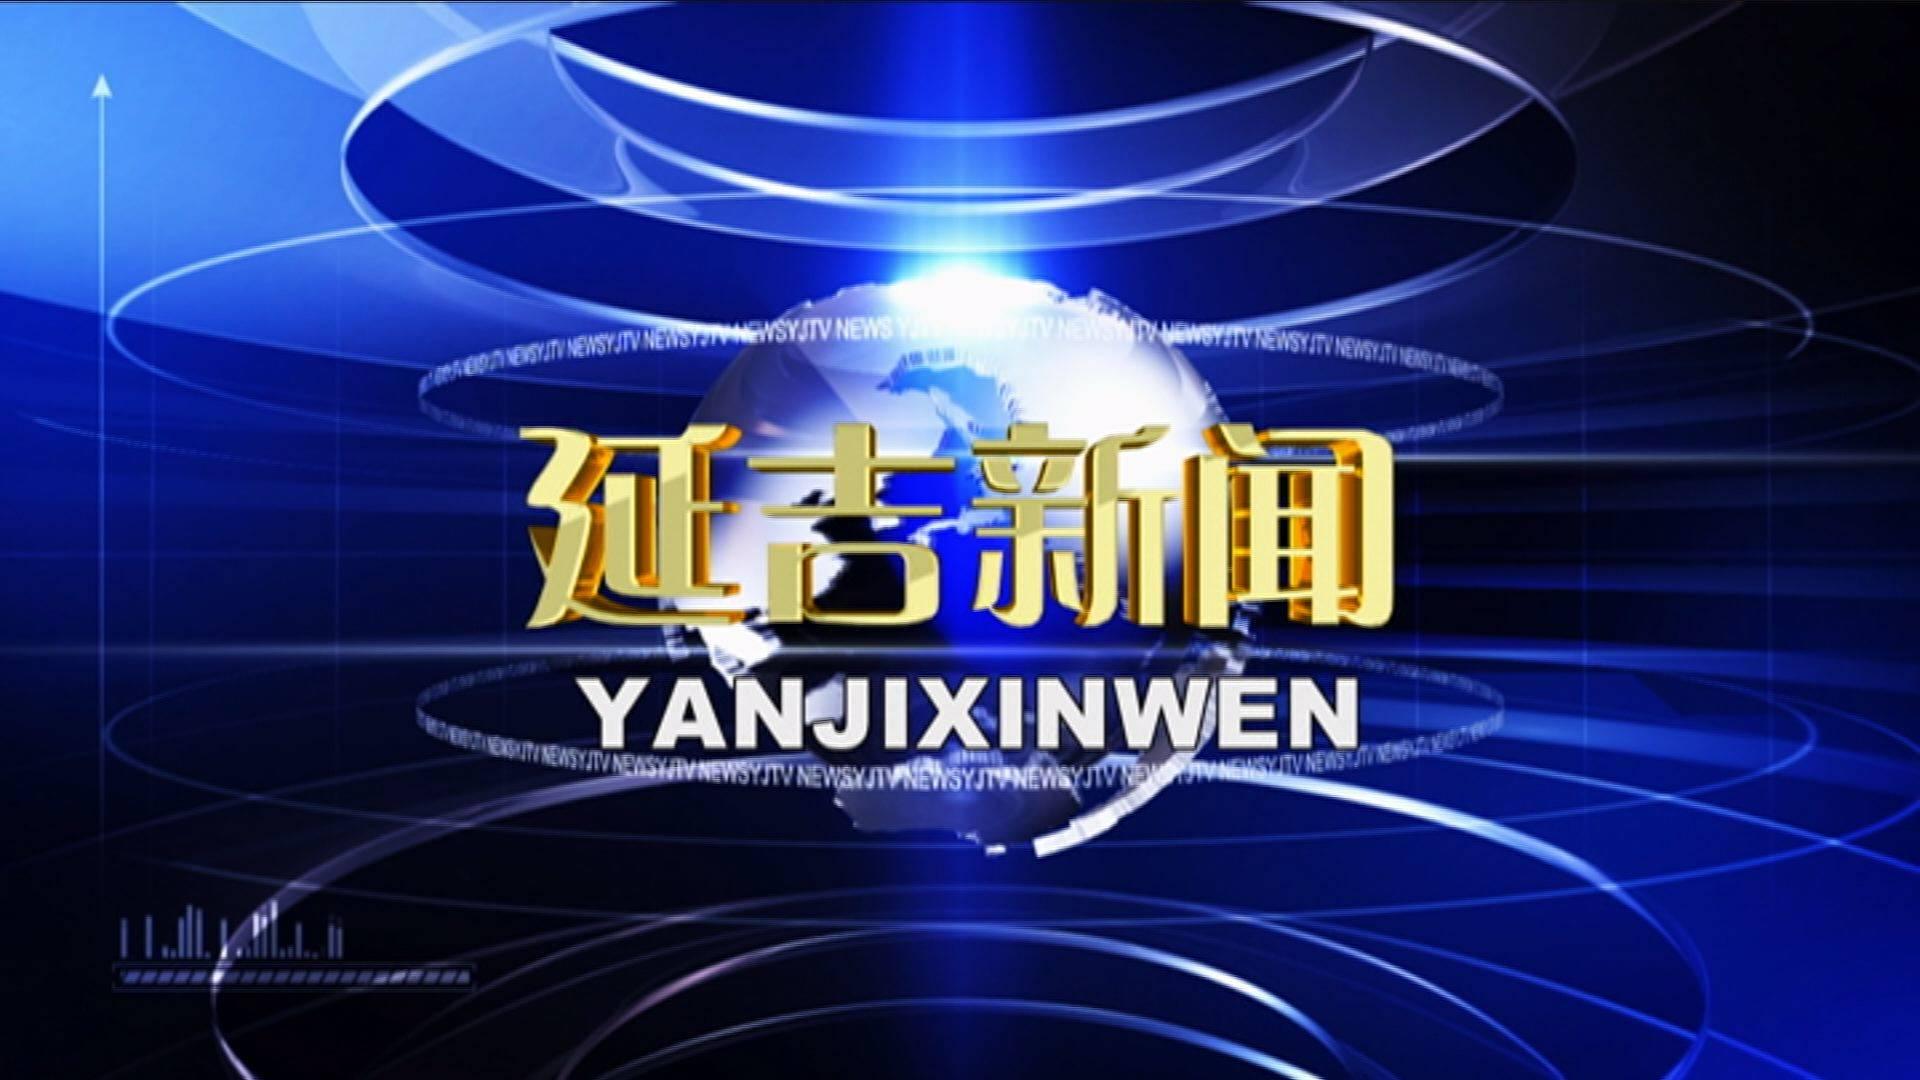 2020. 11. 16 延吉新闻